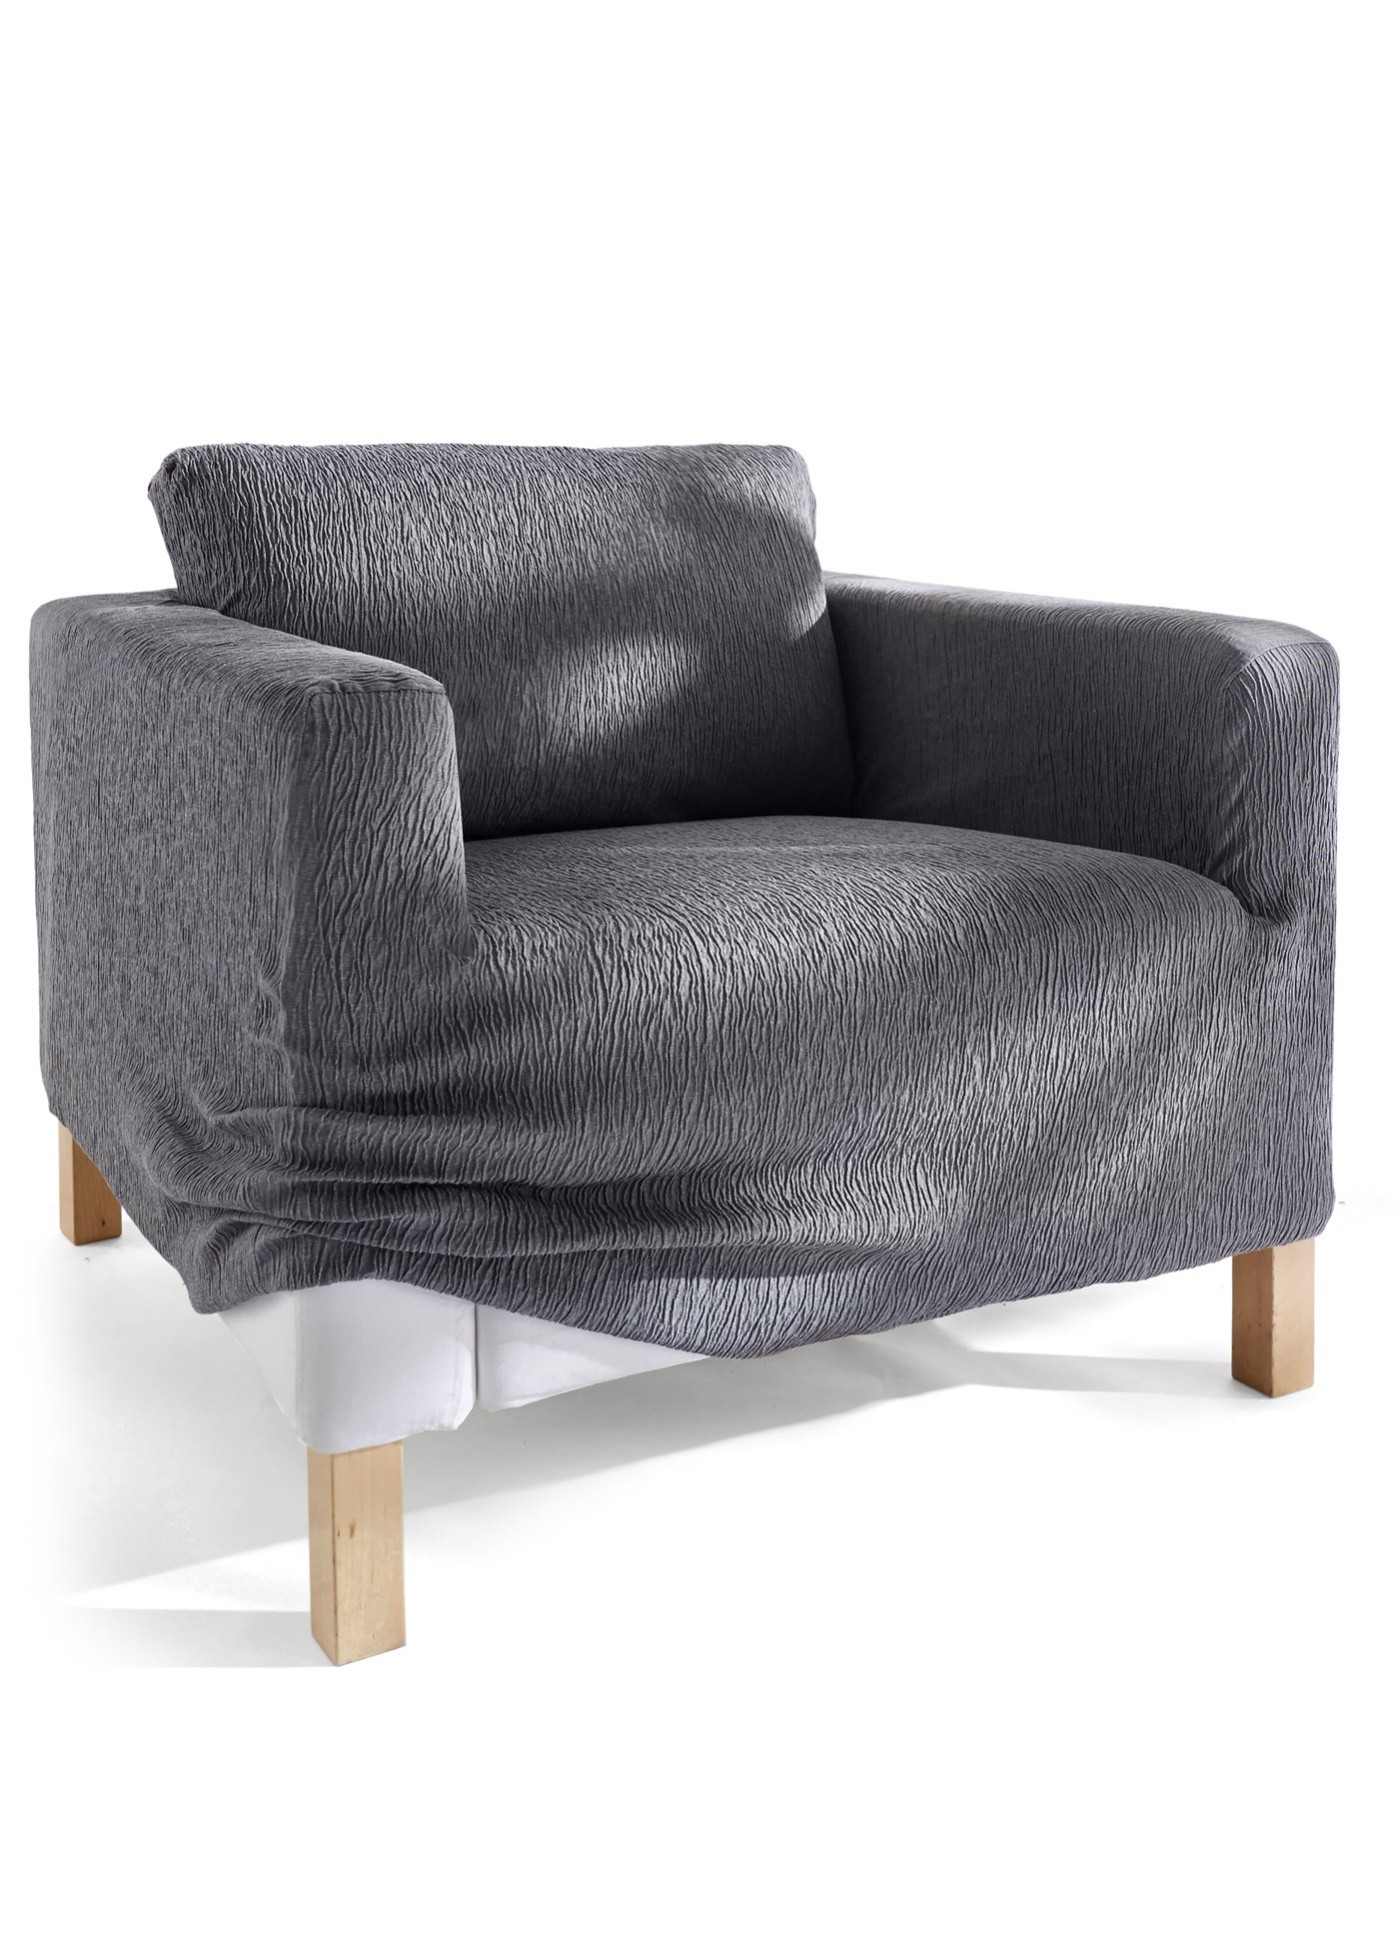 Housse canape fauteuil pas cher maison et jardin discount - Housse canape d angle extensible pas cher ...